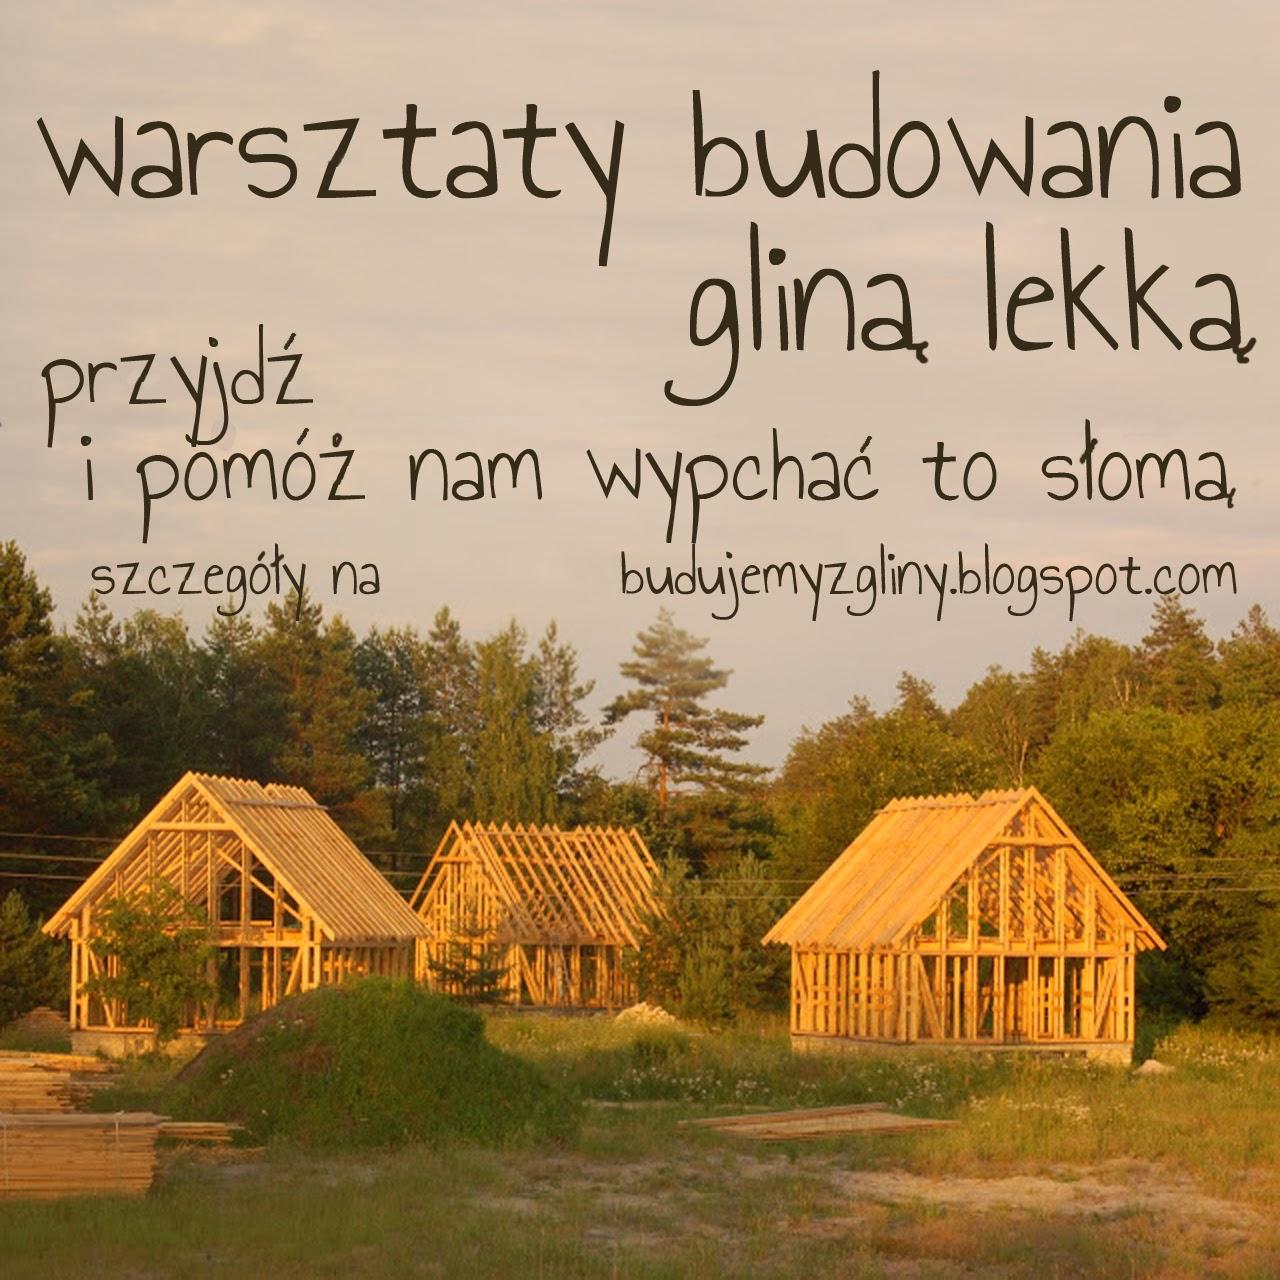 budownictwo-naturalne-warsztaty-2014